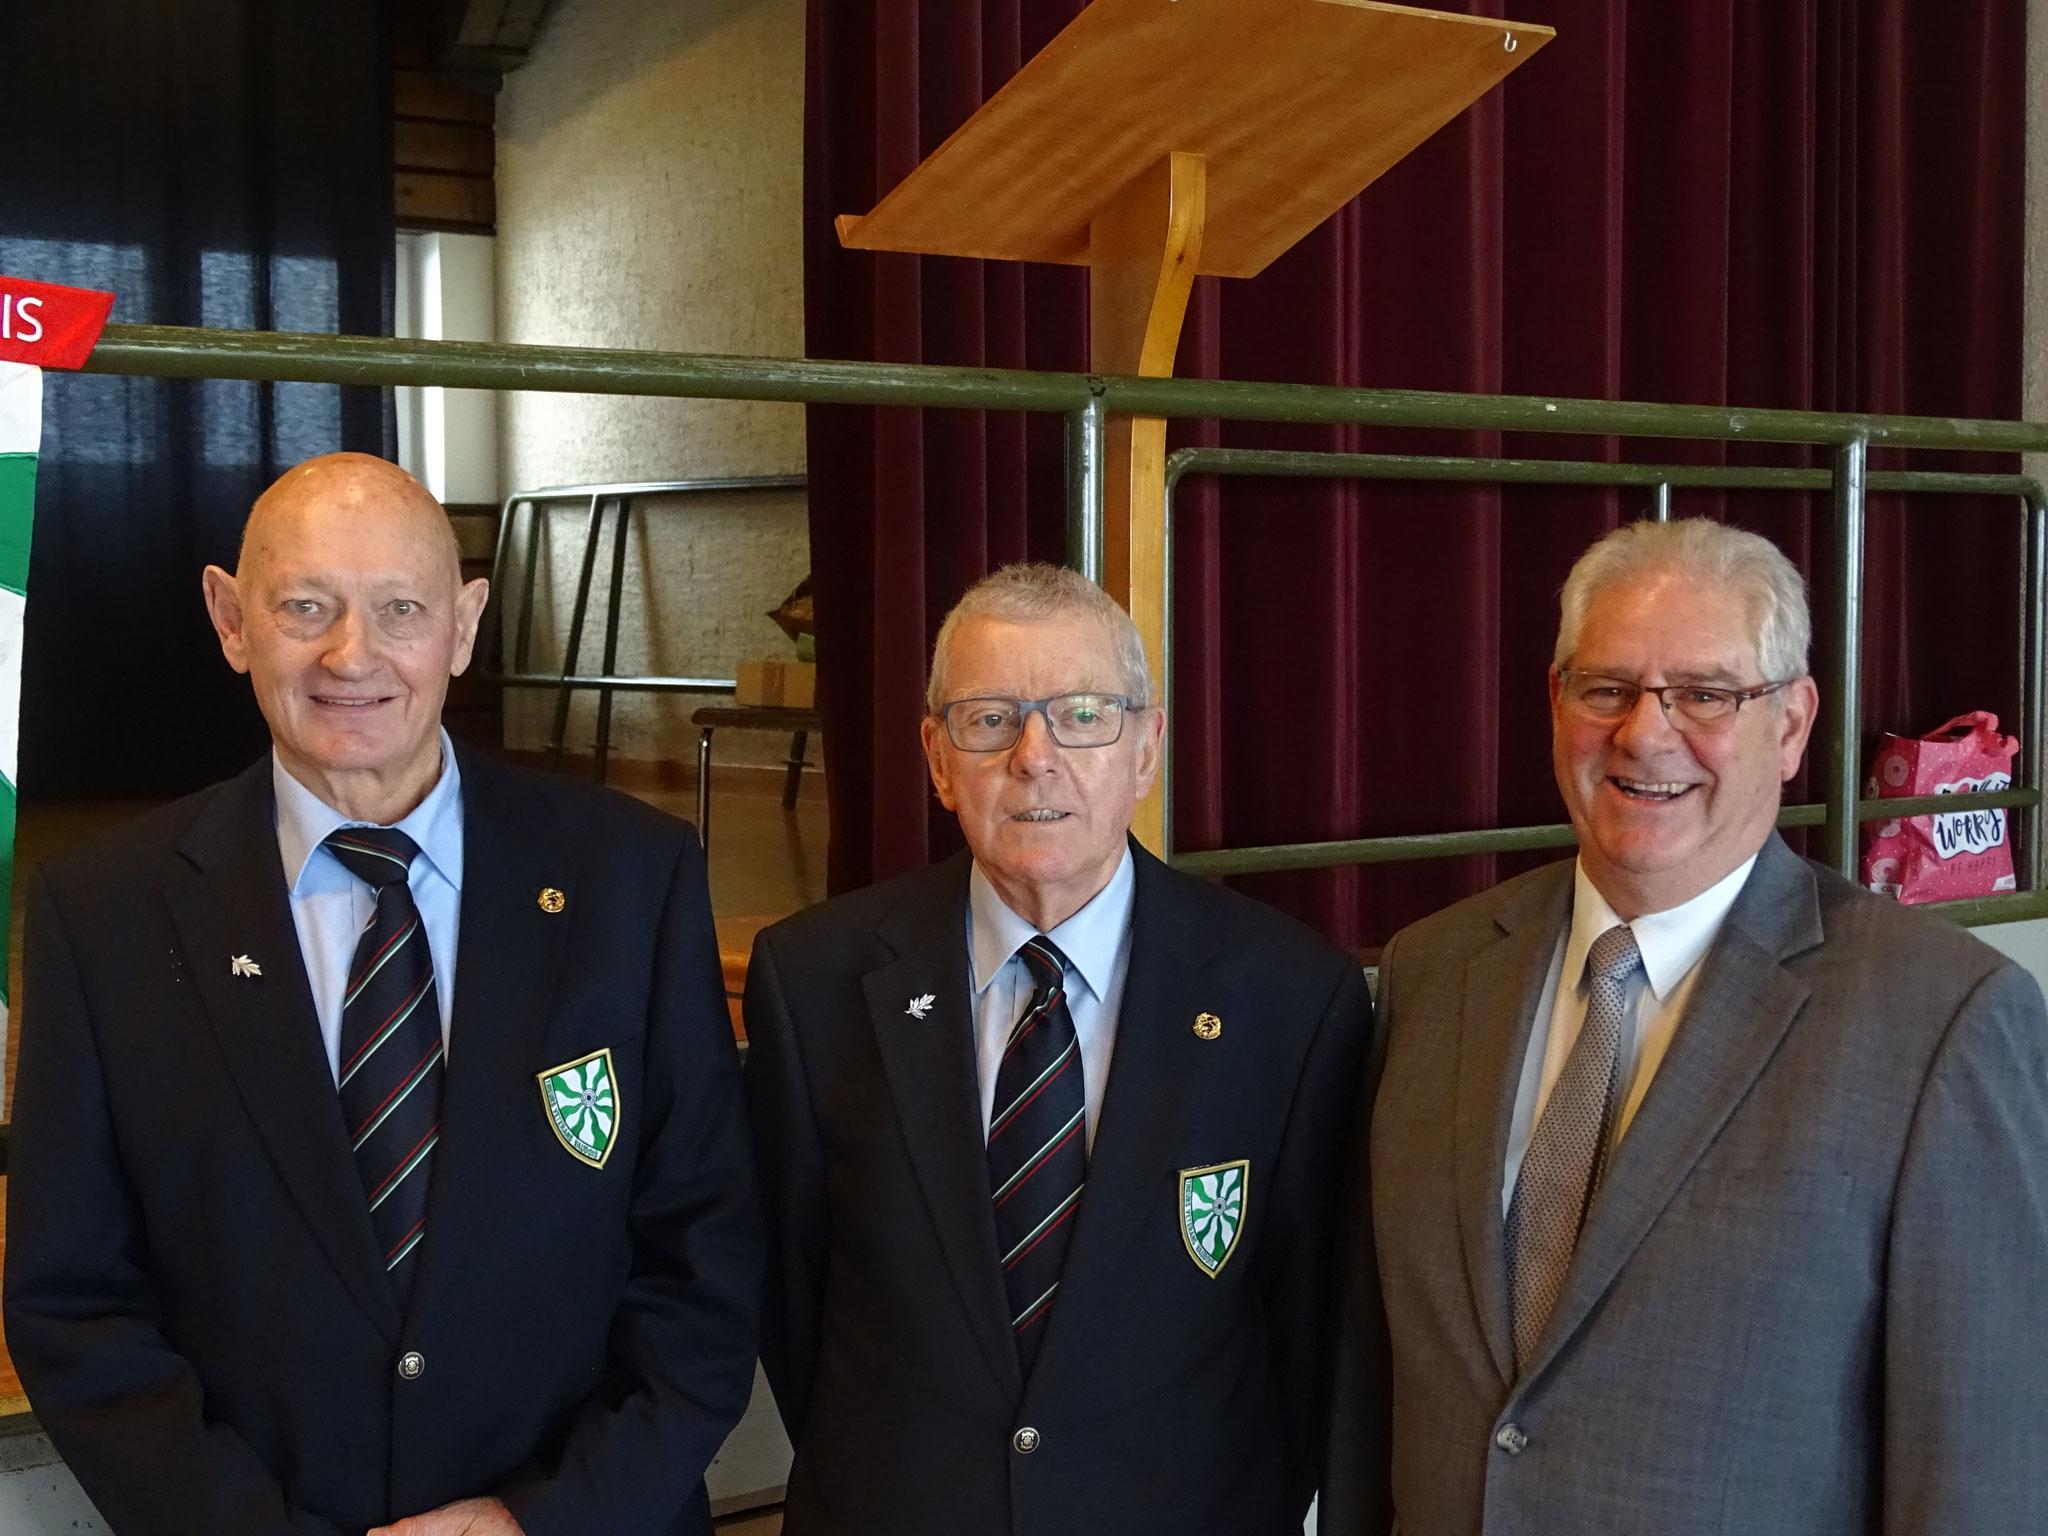 Michel Grin Membre d'honneur - Francis ROSSI Président - Daniel GRAF Nouveau membre